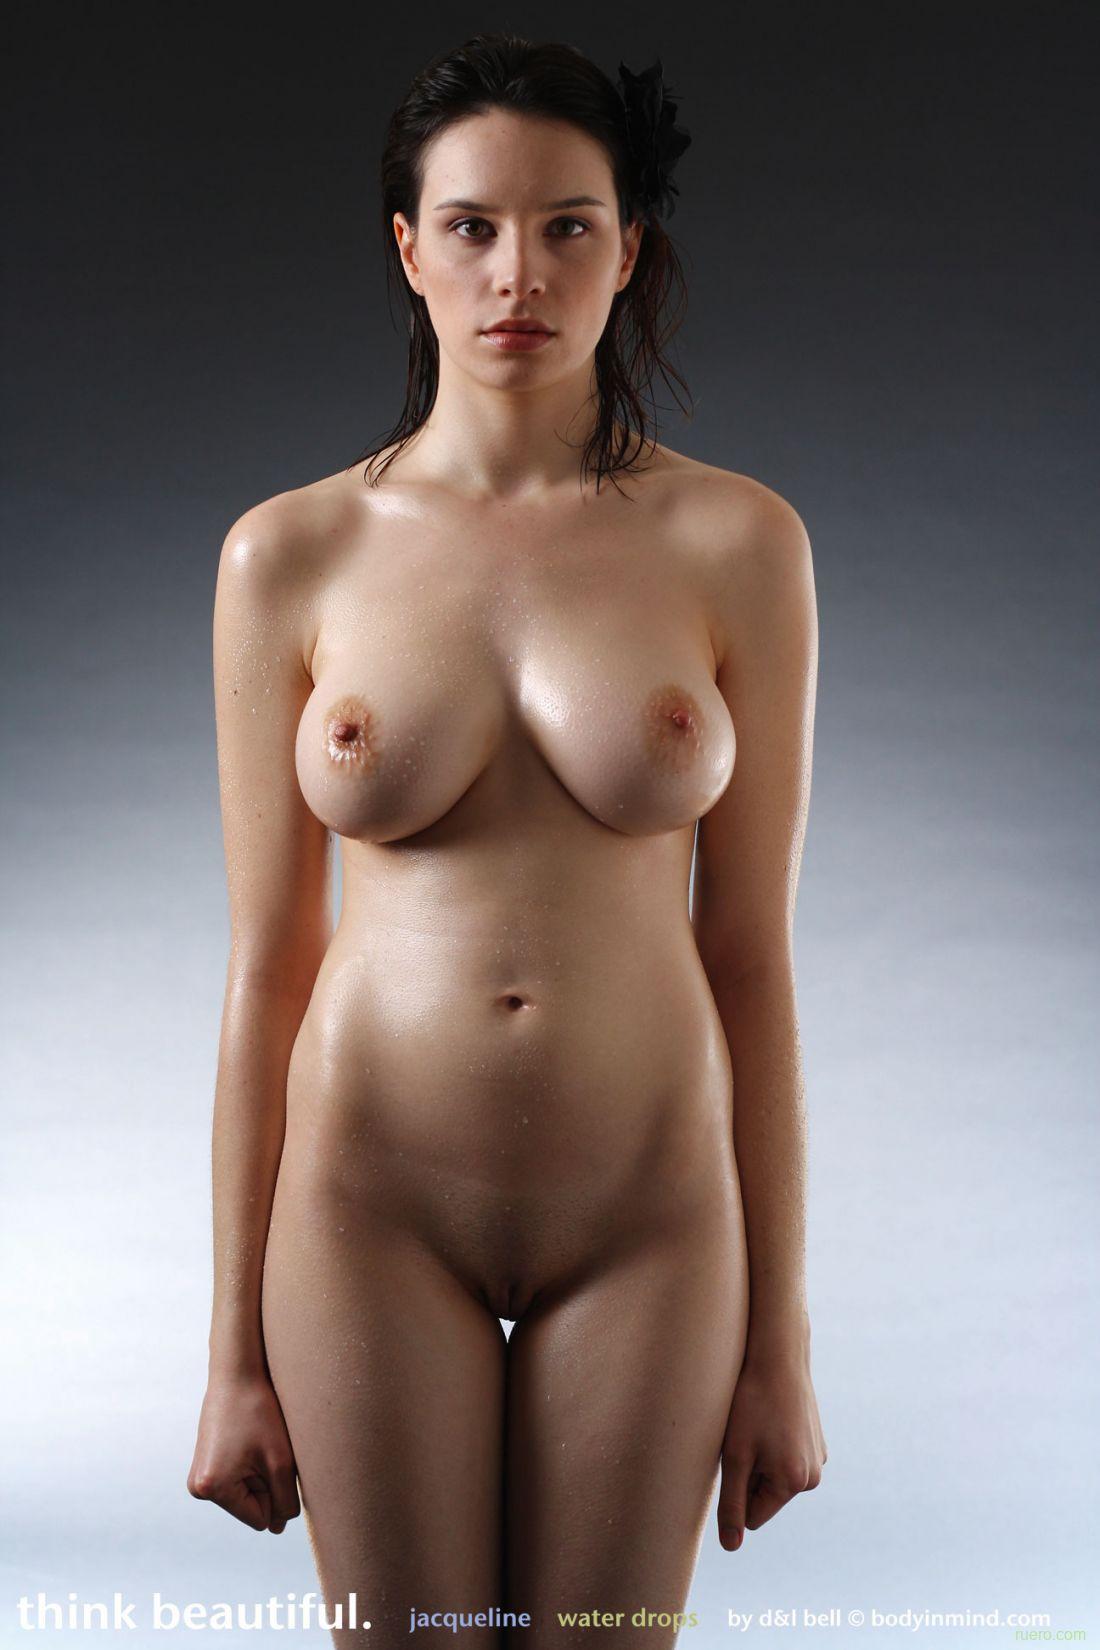 normal-naked-women-tyson-beckford-video-porno-xxx